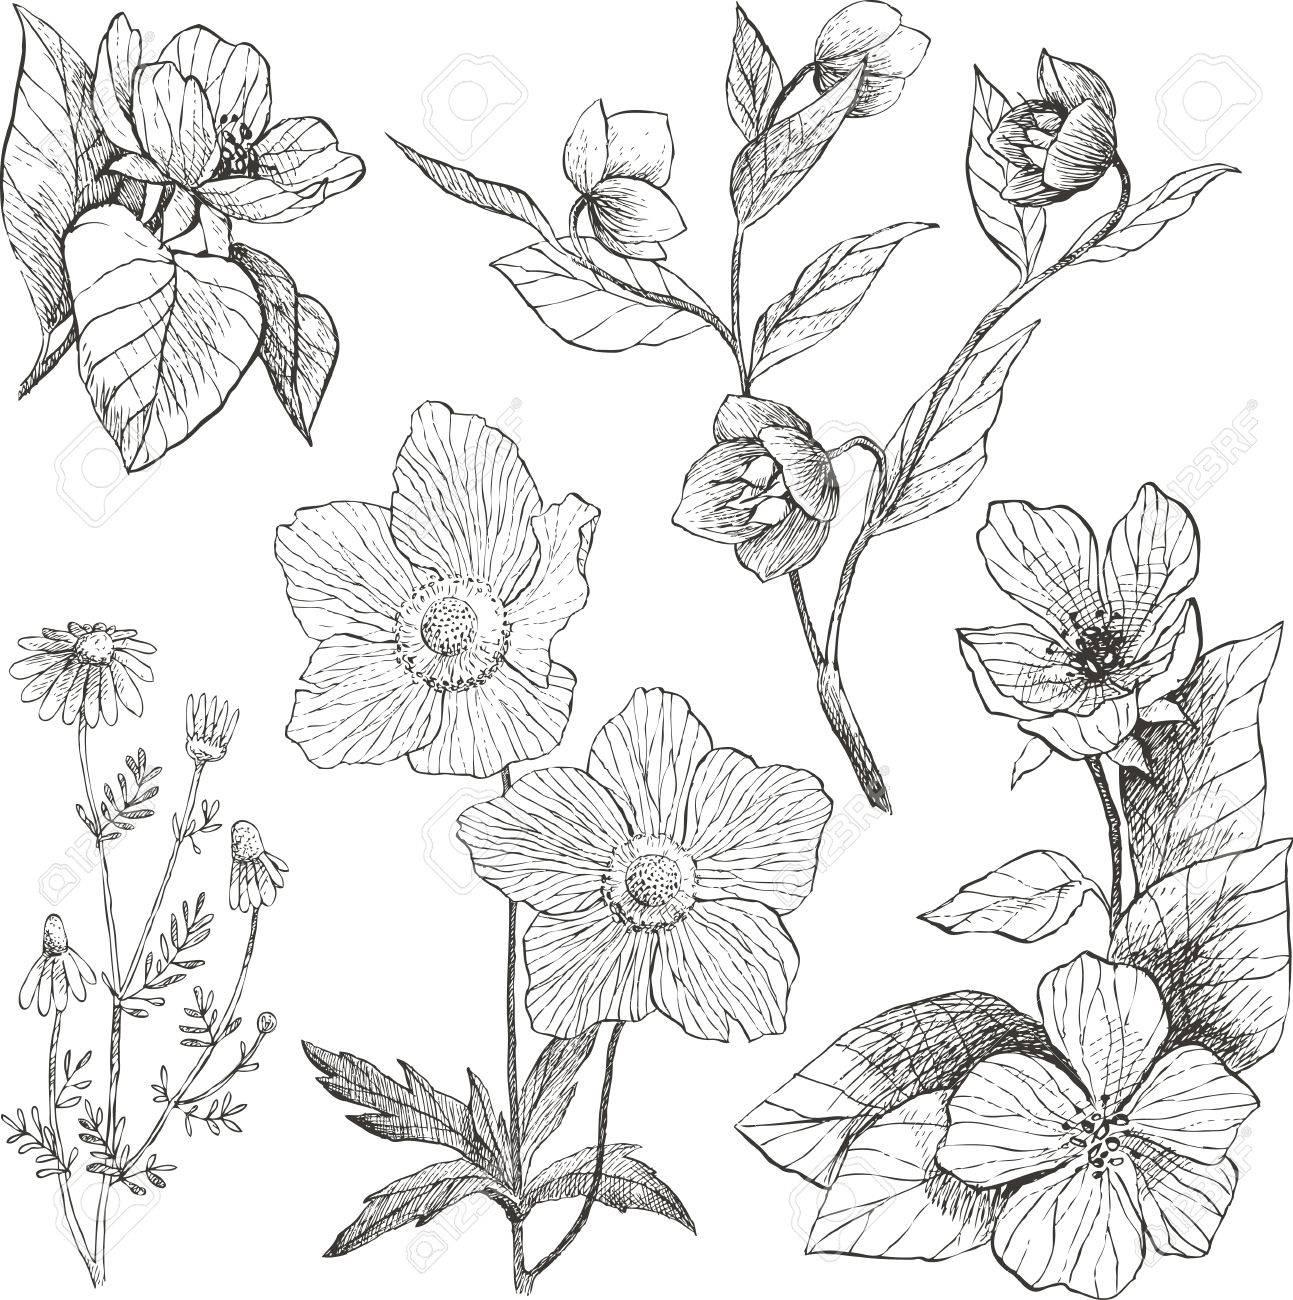 ヴィンテージ植物イラスト花セットのイラスト素材ベクタ Image 77600435